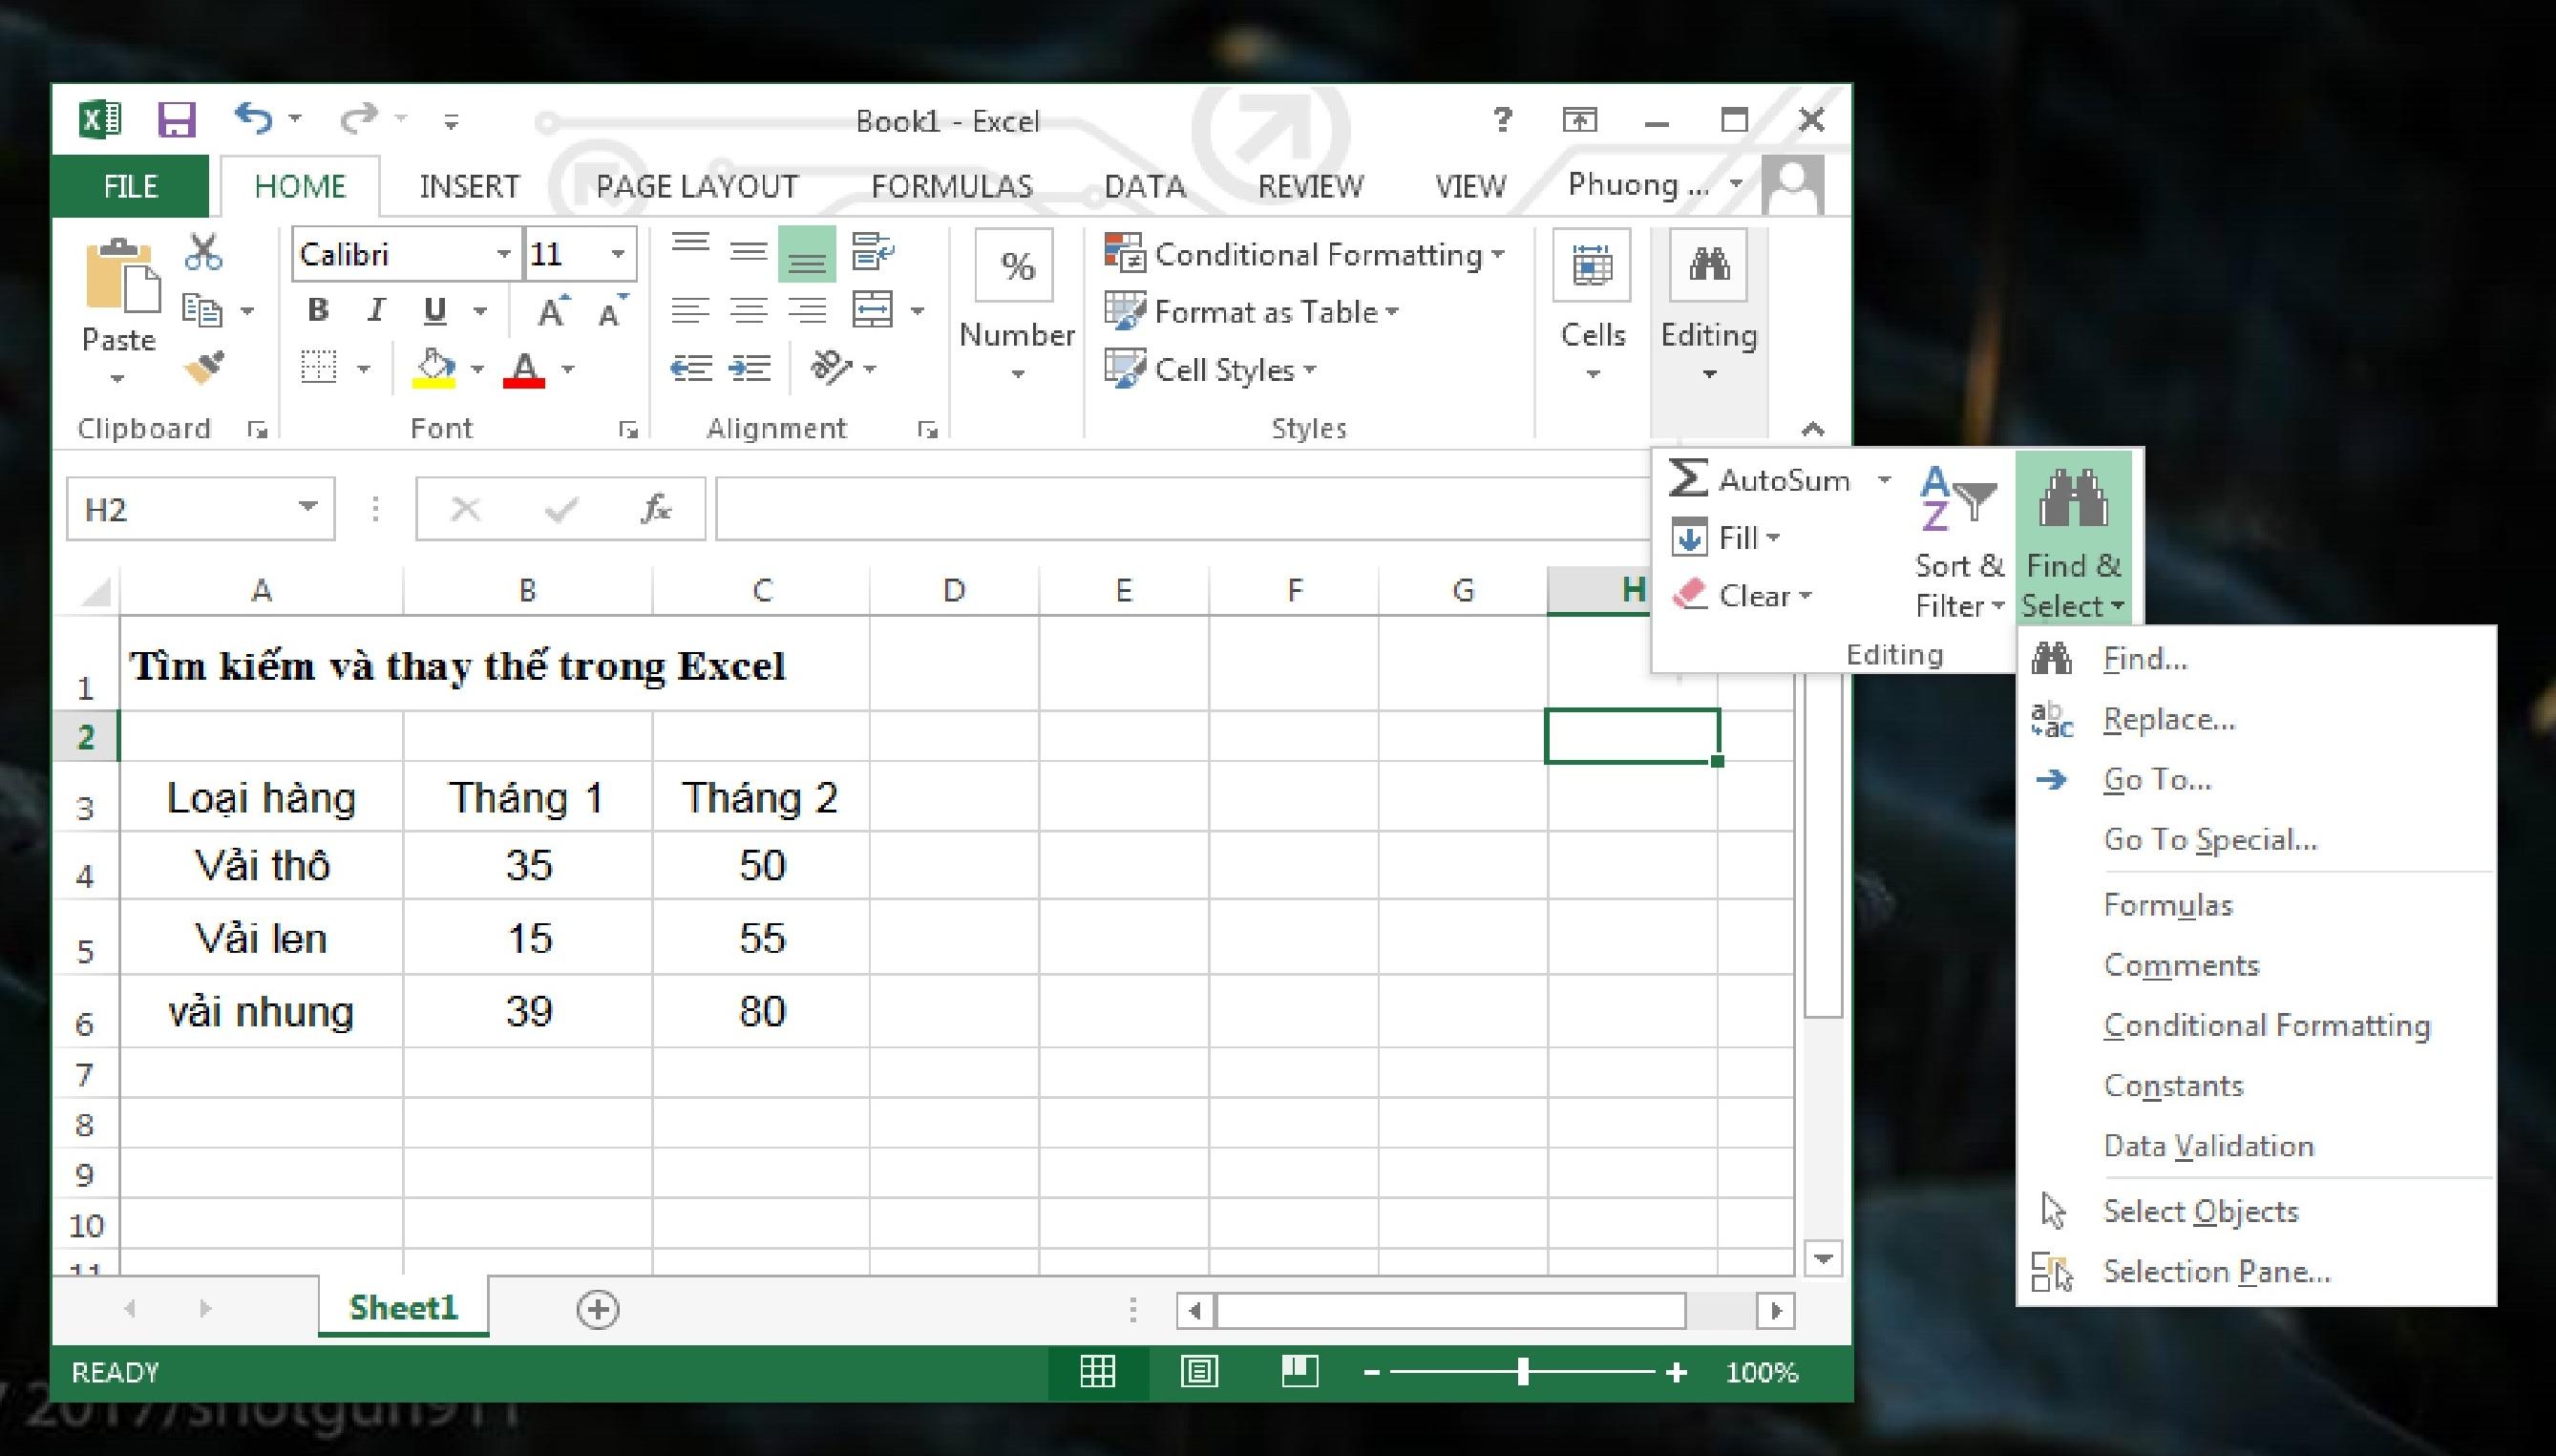 Sử dụng chức năng Find và Replace trong Excel